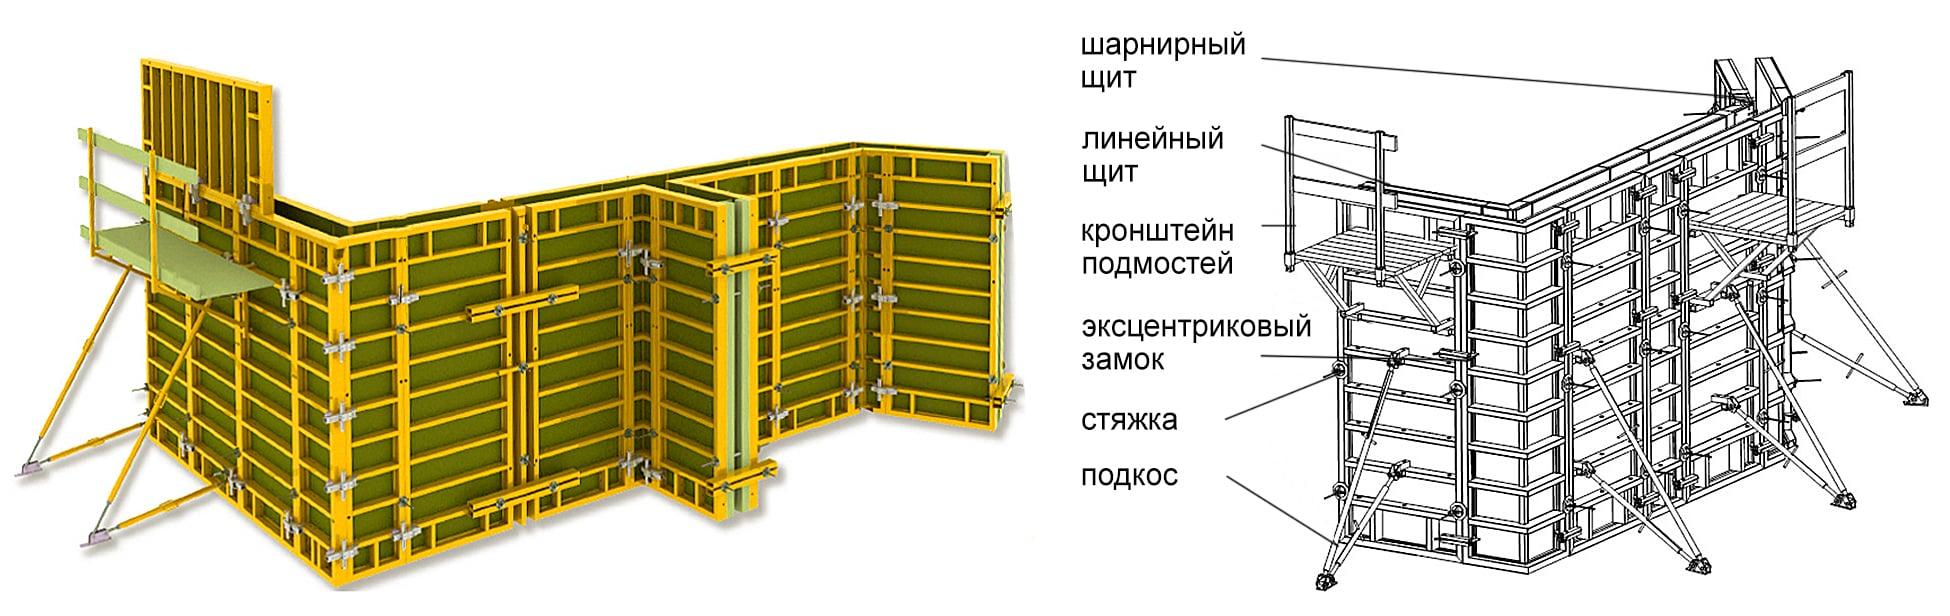 Схема стеновой опалубки